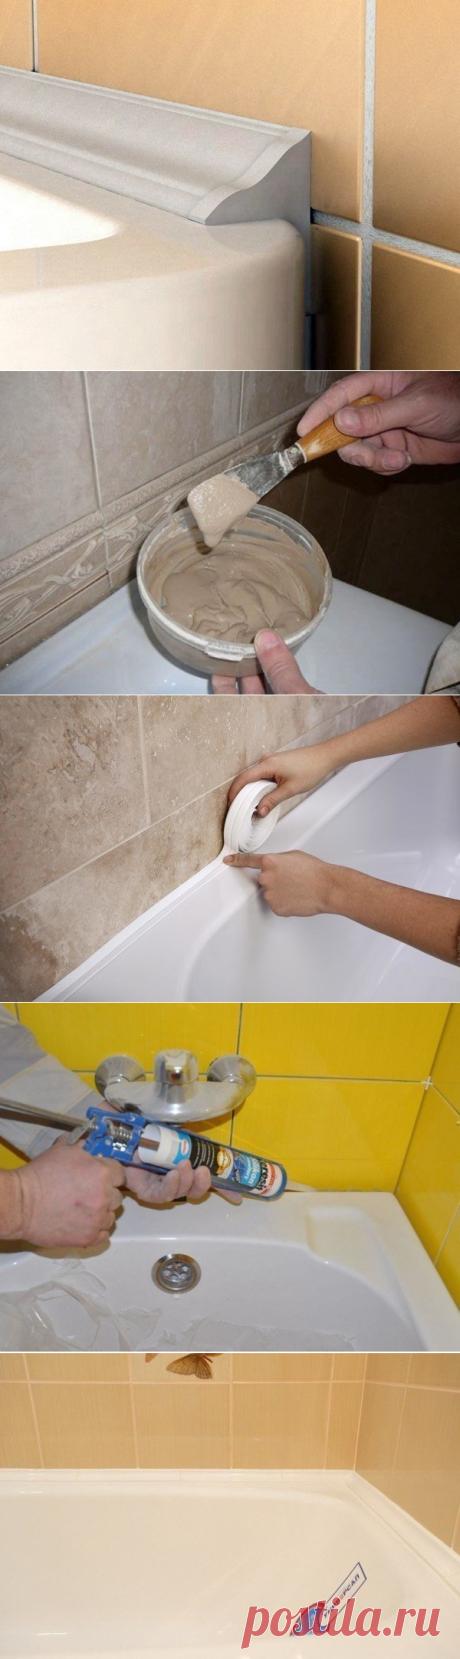 Заделываем щель в ванной комнате профессионально